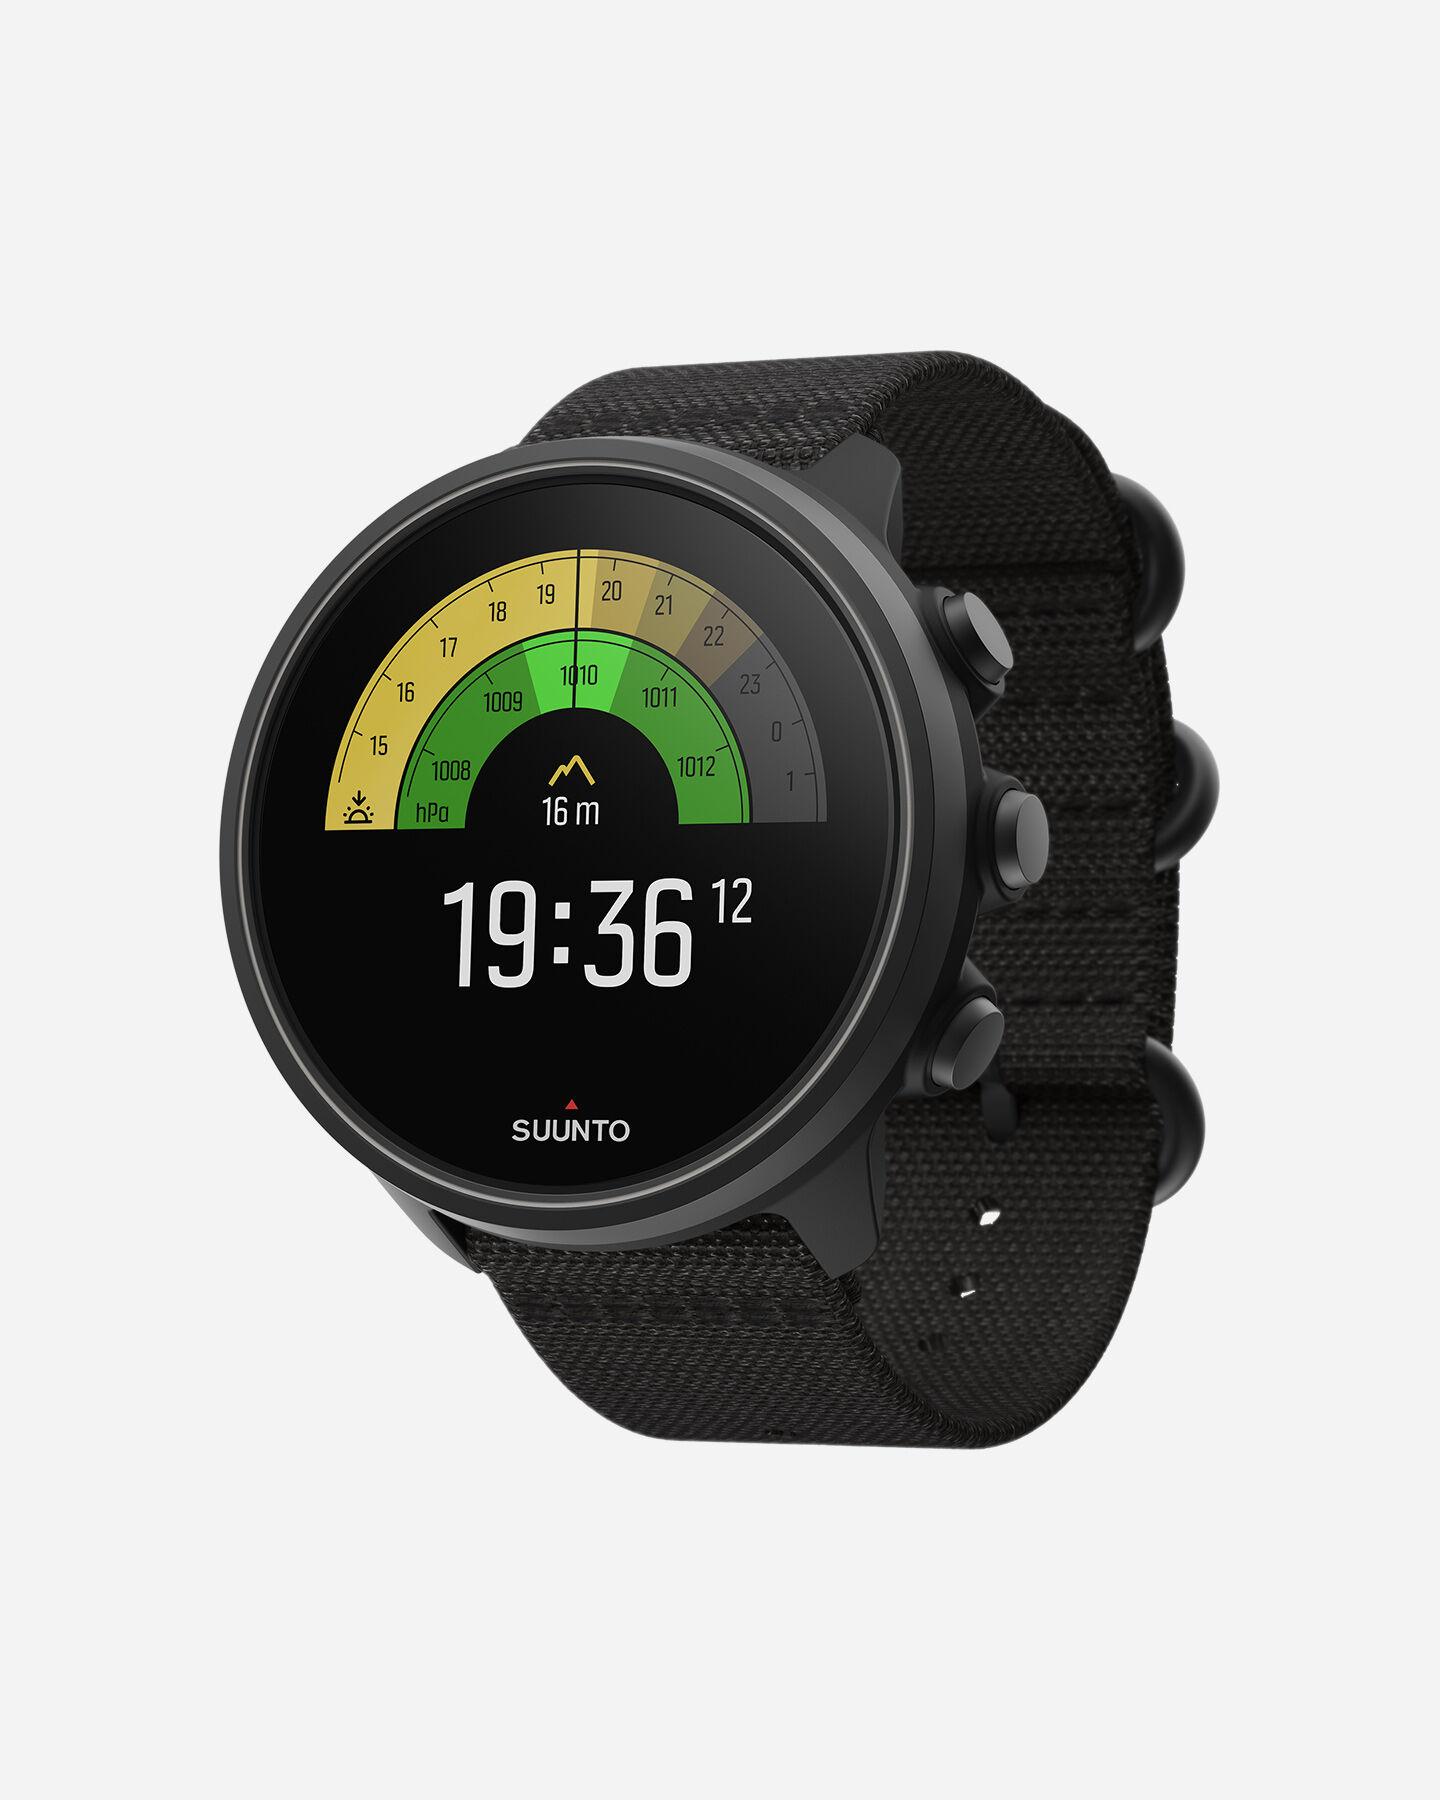 Orologio multifunzione SUUNTO GPS SUUNTO 9 PIKE BARO S4096233|1|UNI scatto 4